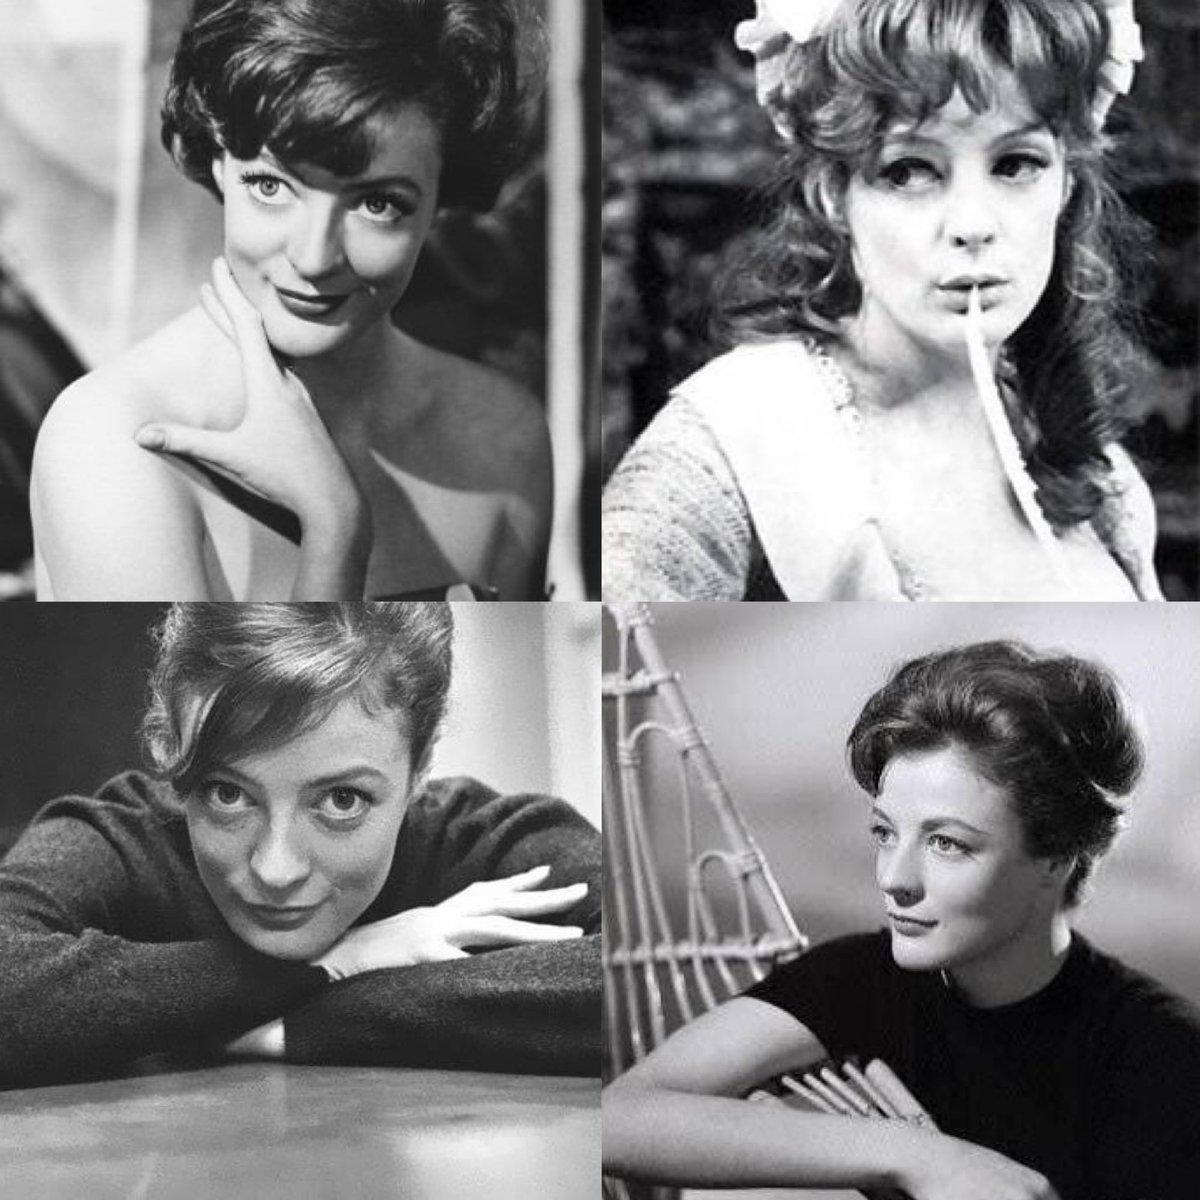 『天使にラブソングを…』で修道院長を演じてるマギー・スミスさん『ハリーポッター』シリーズのマクゴナガル先生で知ったけど今もずっと美しすぎるし80歳を超えているなんて考える程美人だし当たり前に若い頃はさらに美人だった  #天使にラブソングを #金曜ロードショー